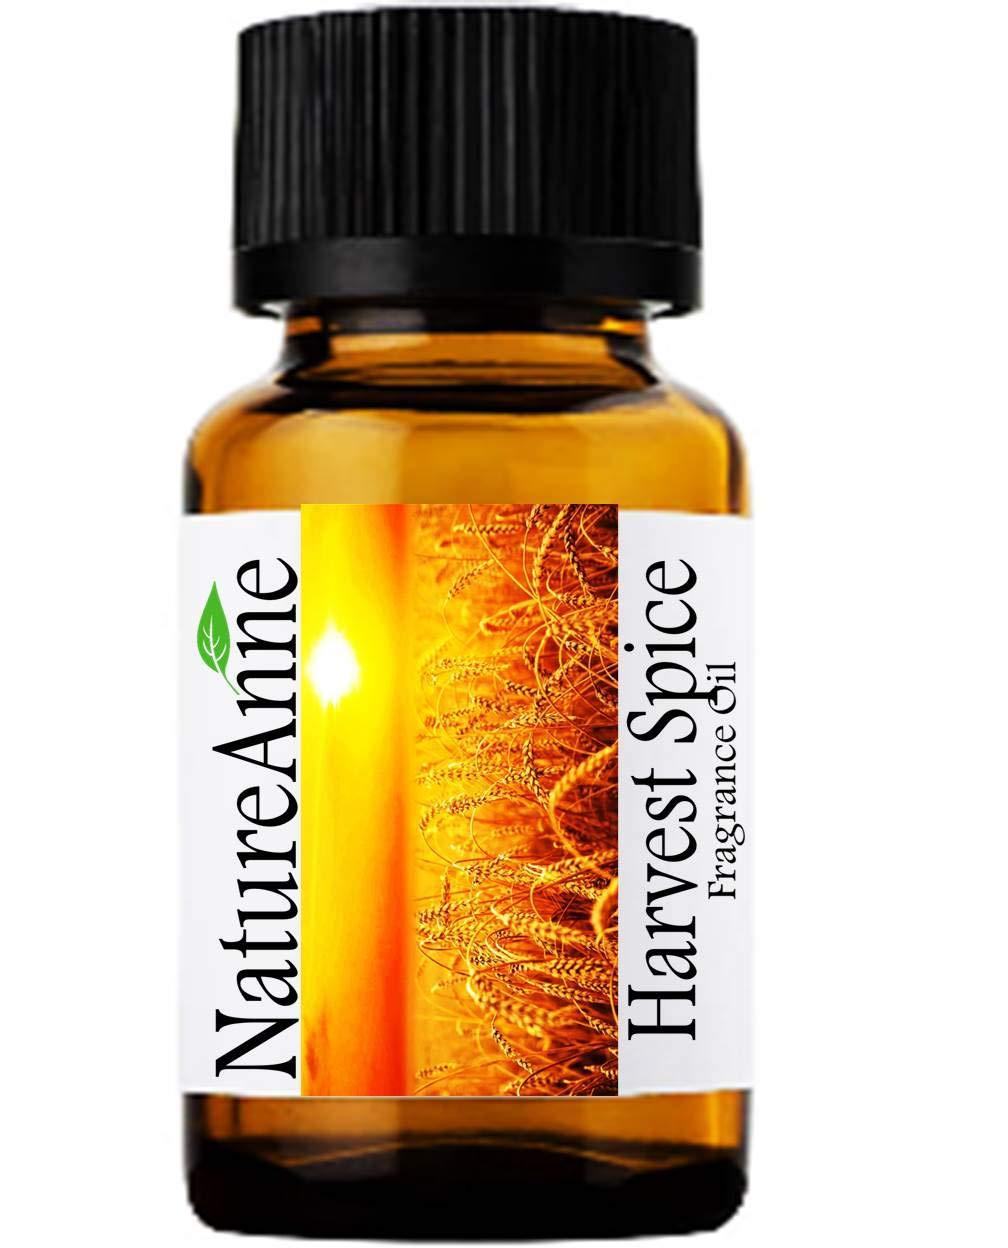 Harvest Spice Premium Grade Fragrance Oil